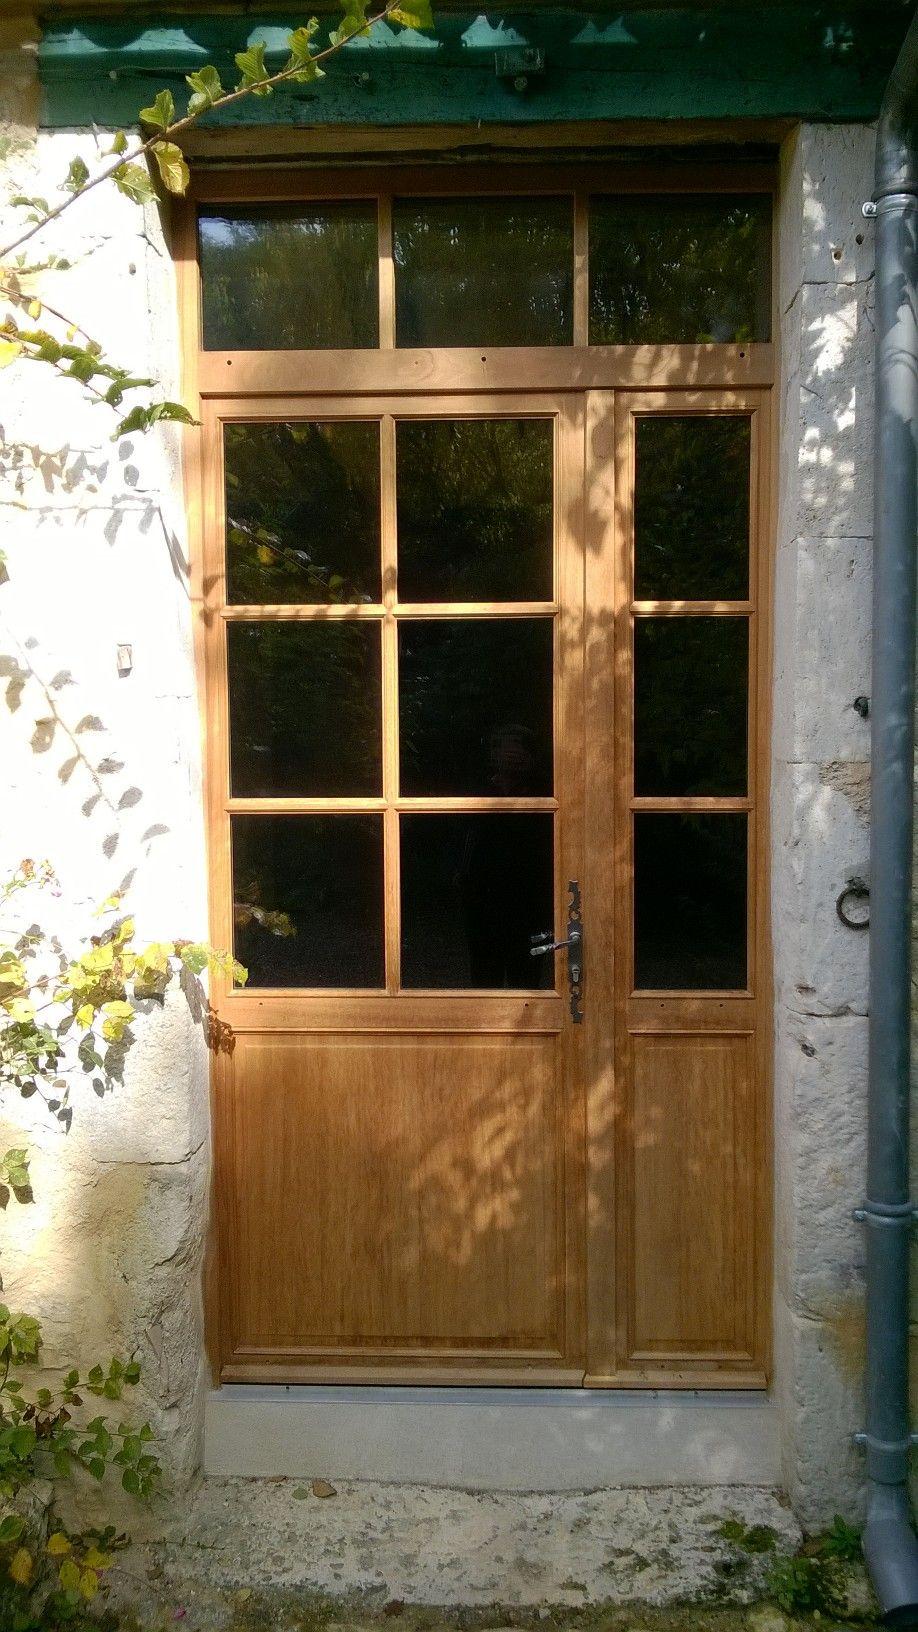 Porte fen tre tierc avec imposte vitr e partie haute vitr e soubassement panneaux pour - Porte appartement bois ...